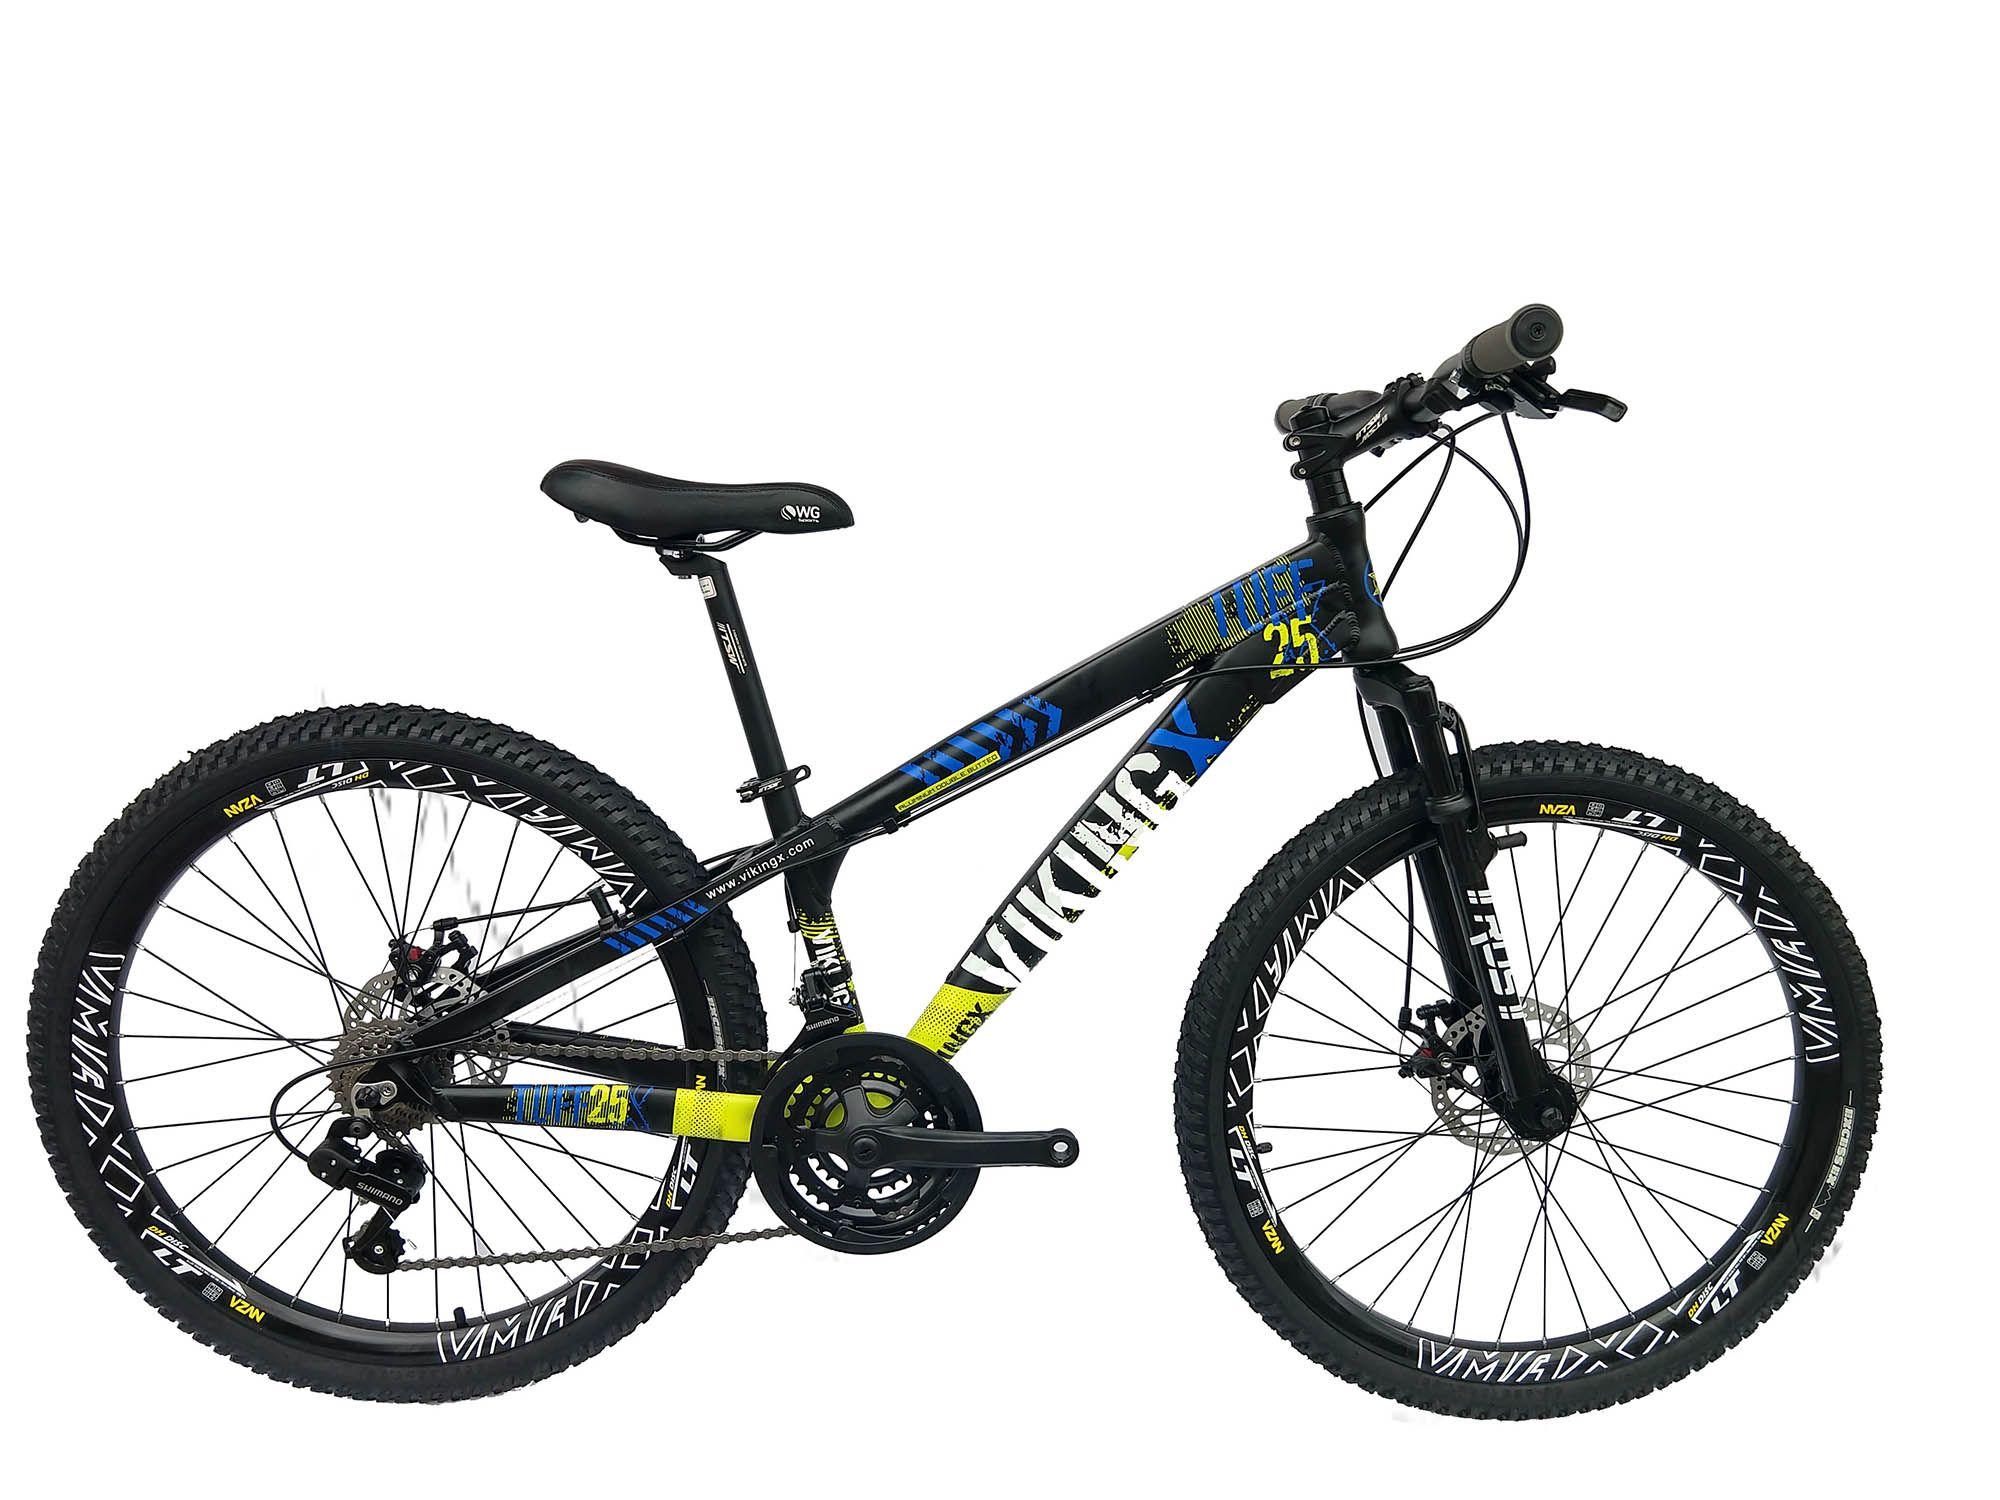 Bicicleta Viking 21v Cambio Shimano Freio A Disco Aro Vmaxx